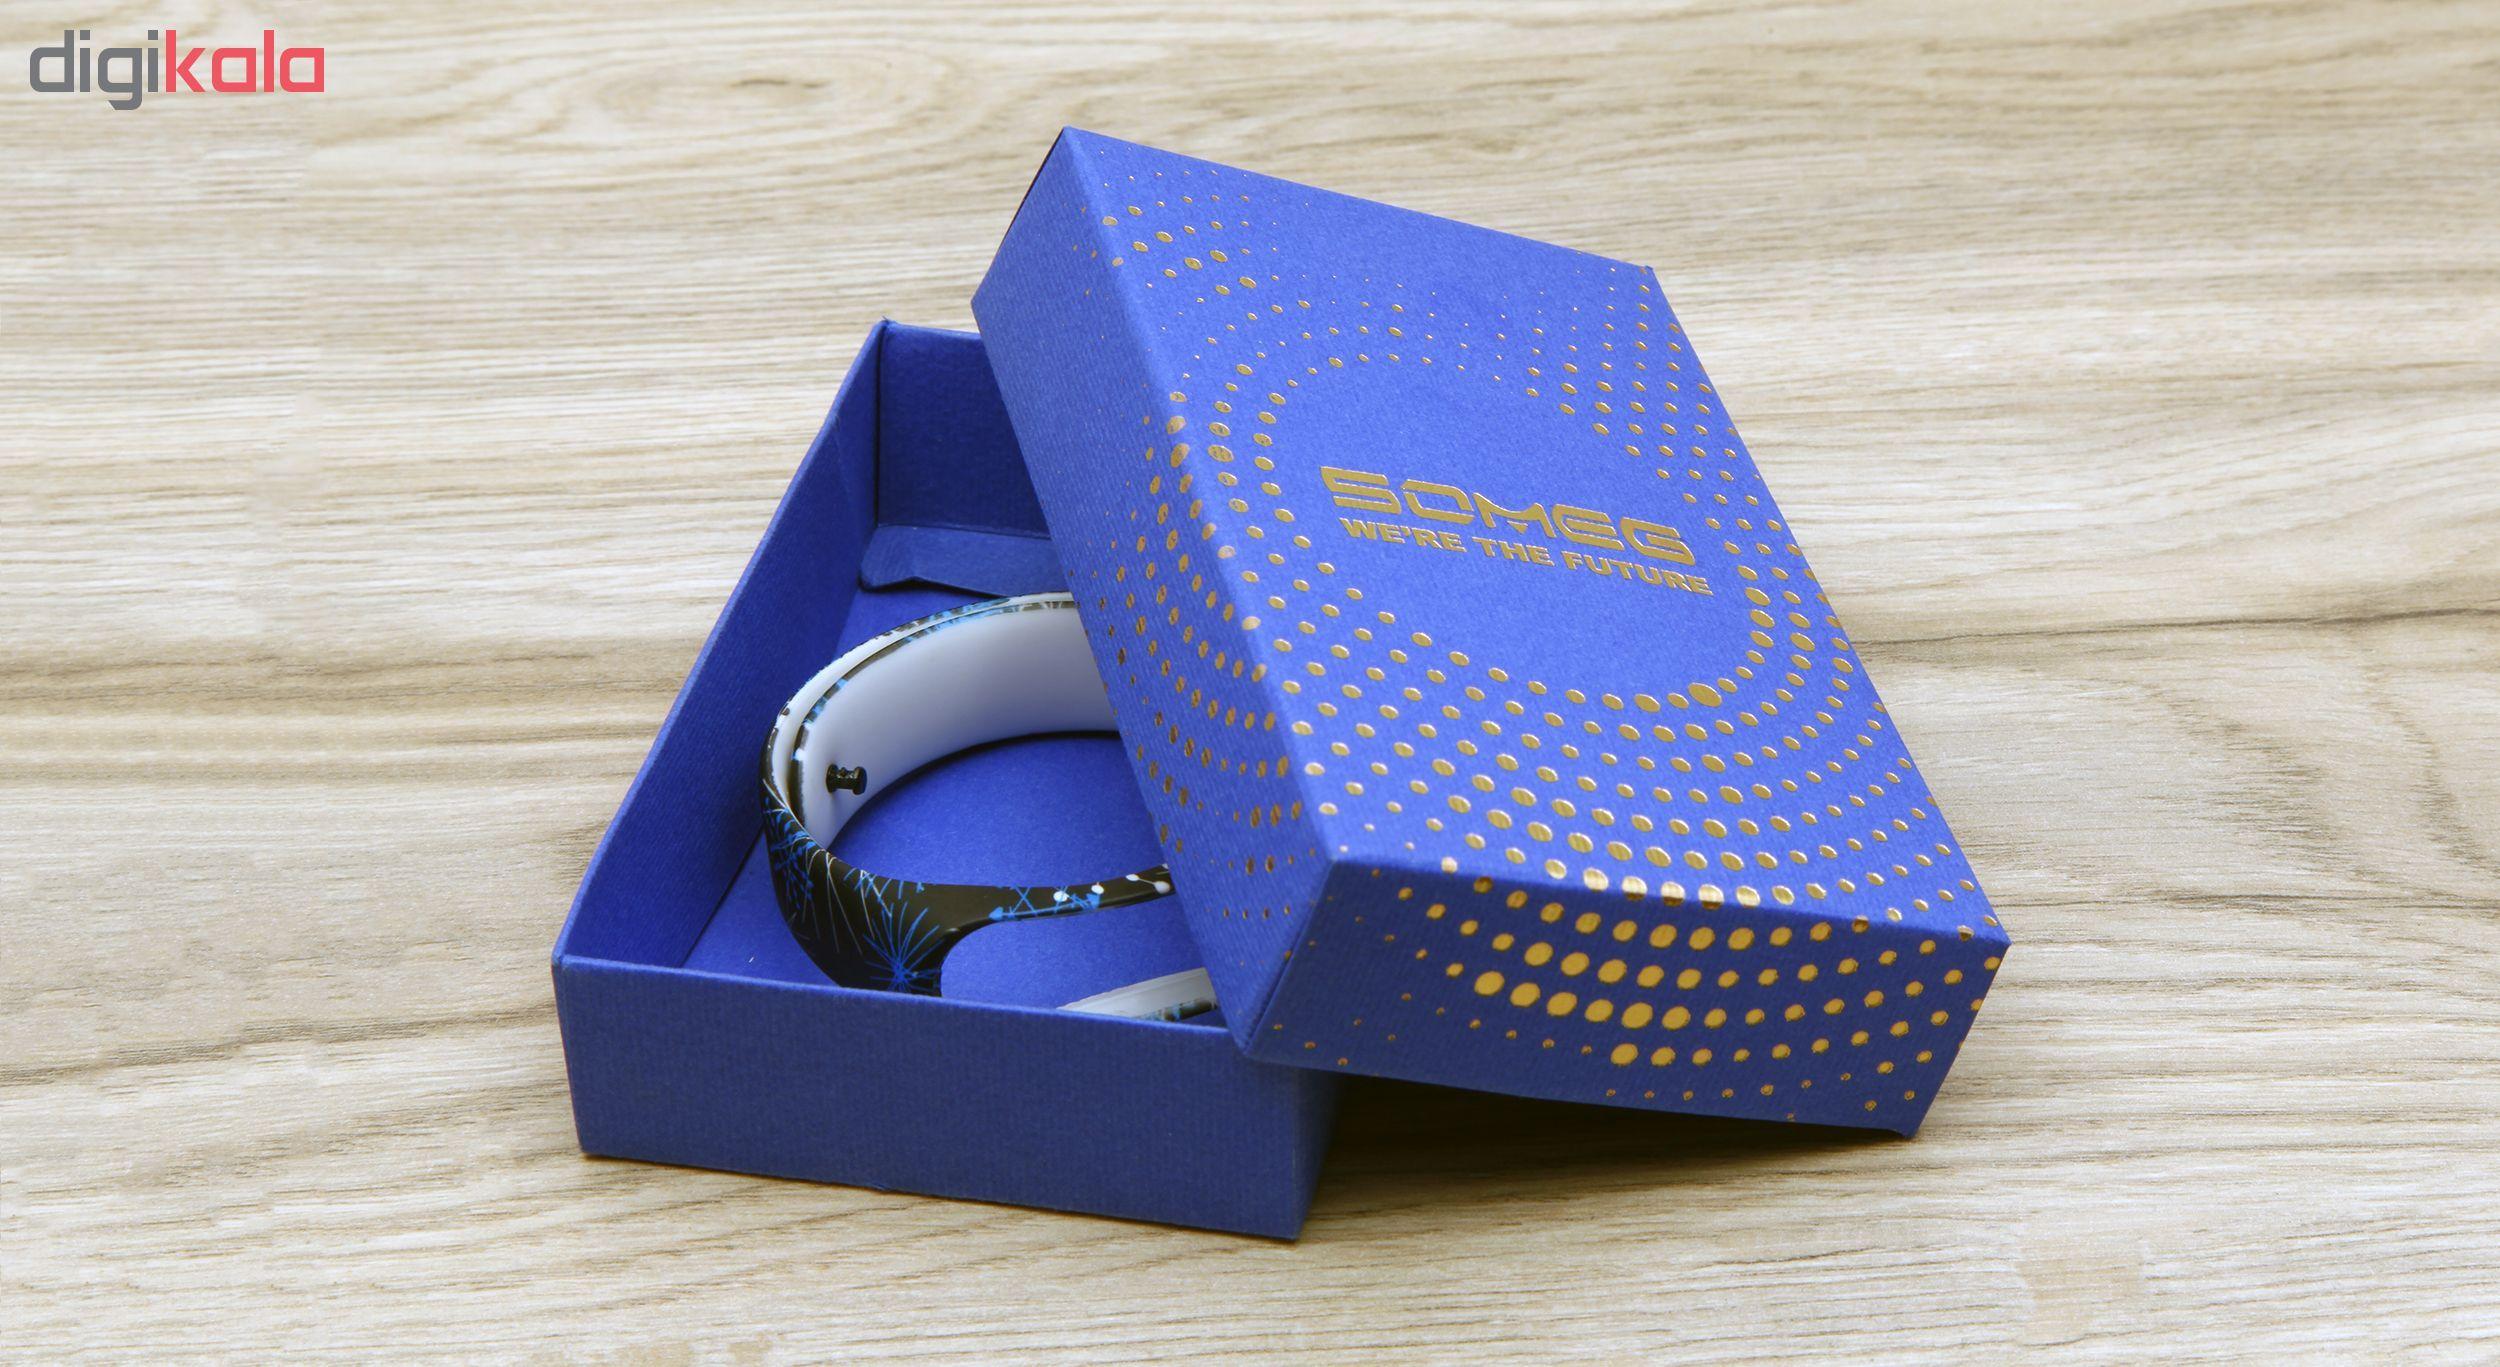 بند مچ بند هوشمند سومگ مدل  SMG-11 مناسب برای مچ بند هوشمند شیائومی Mi Band 3 و M3 main 1 7